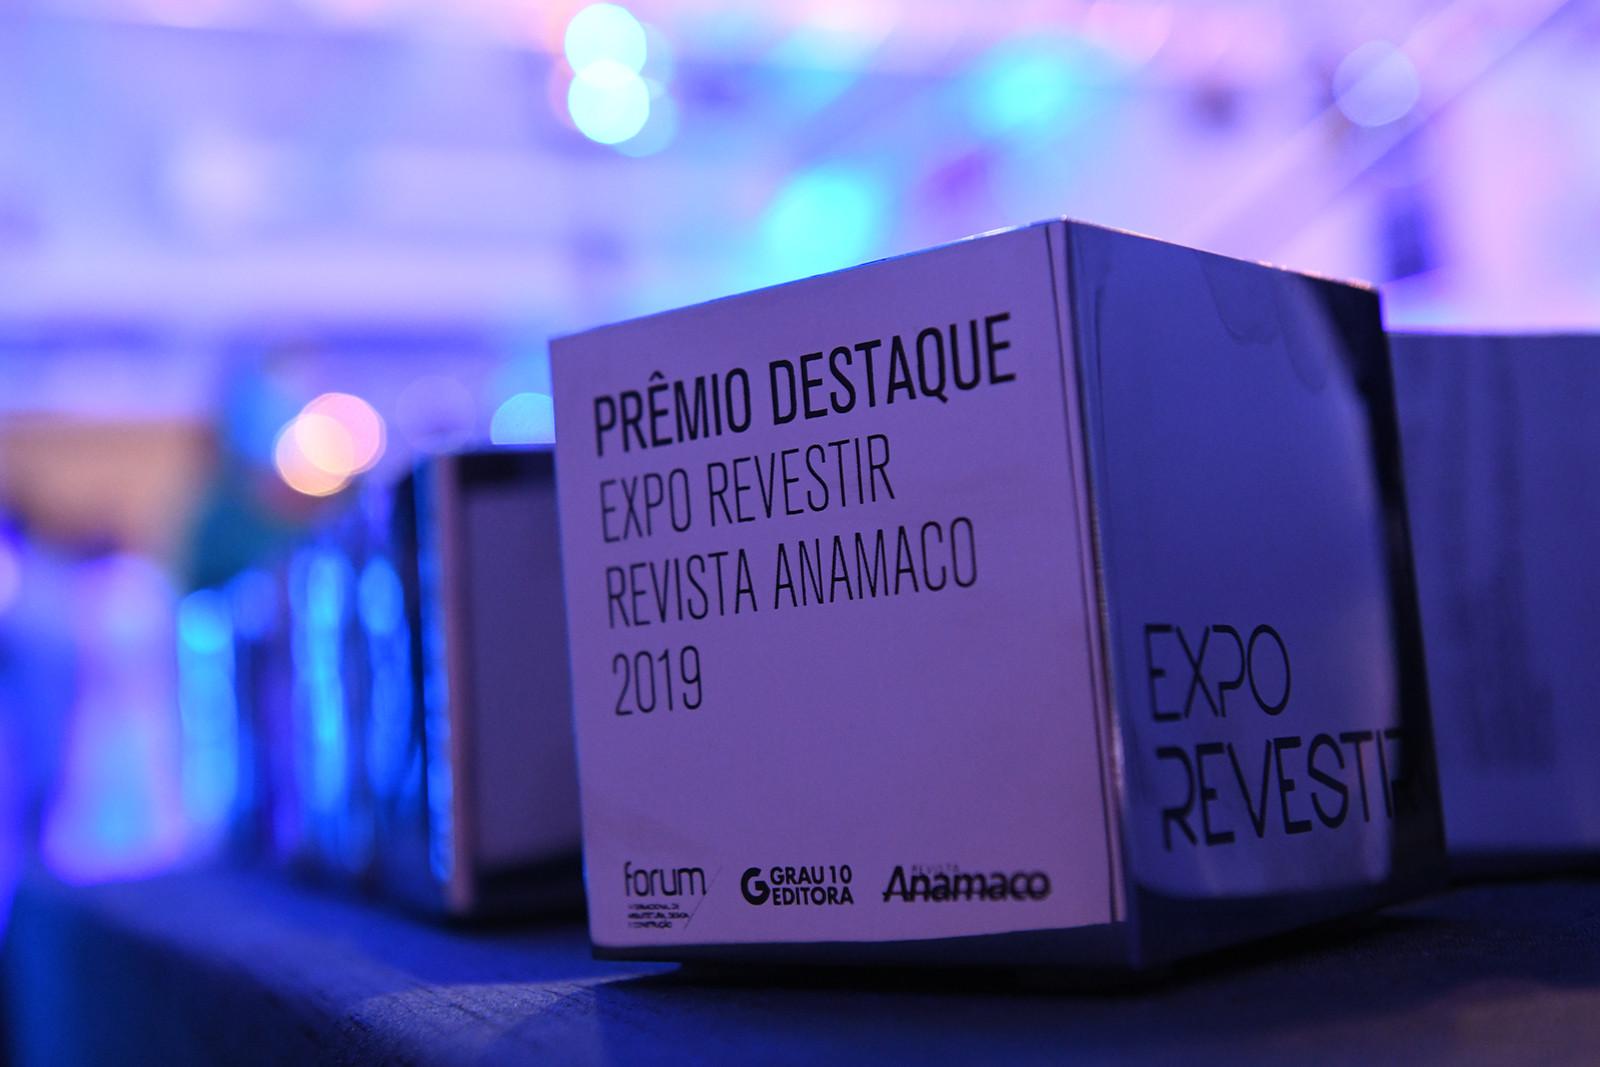 Prêmio Destaque - Expo Revestir Revista Anamaco 2019